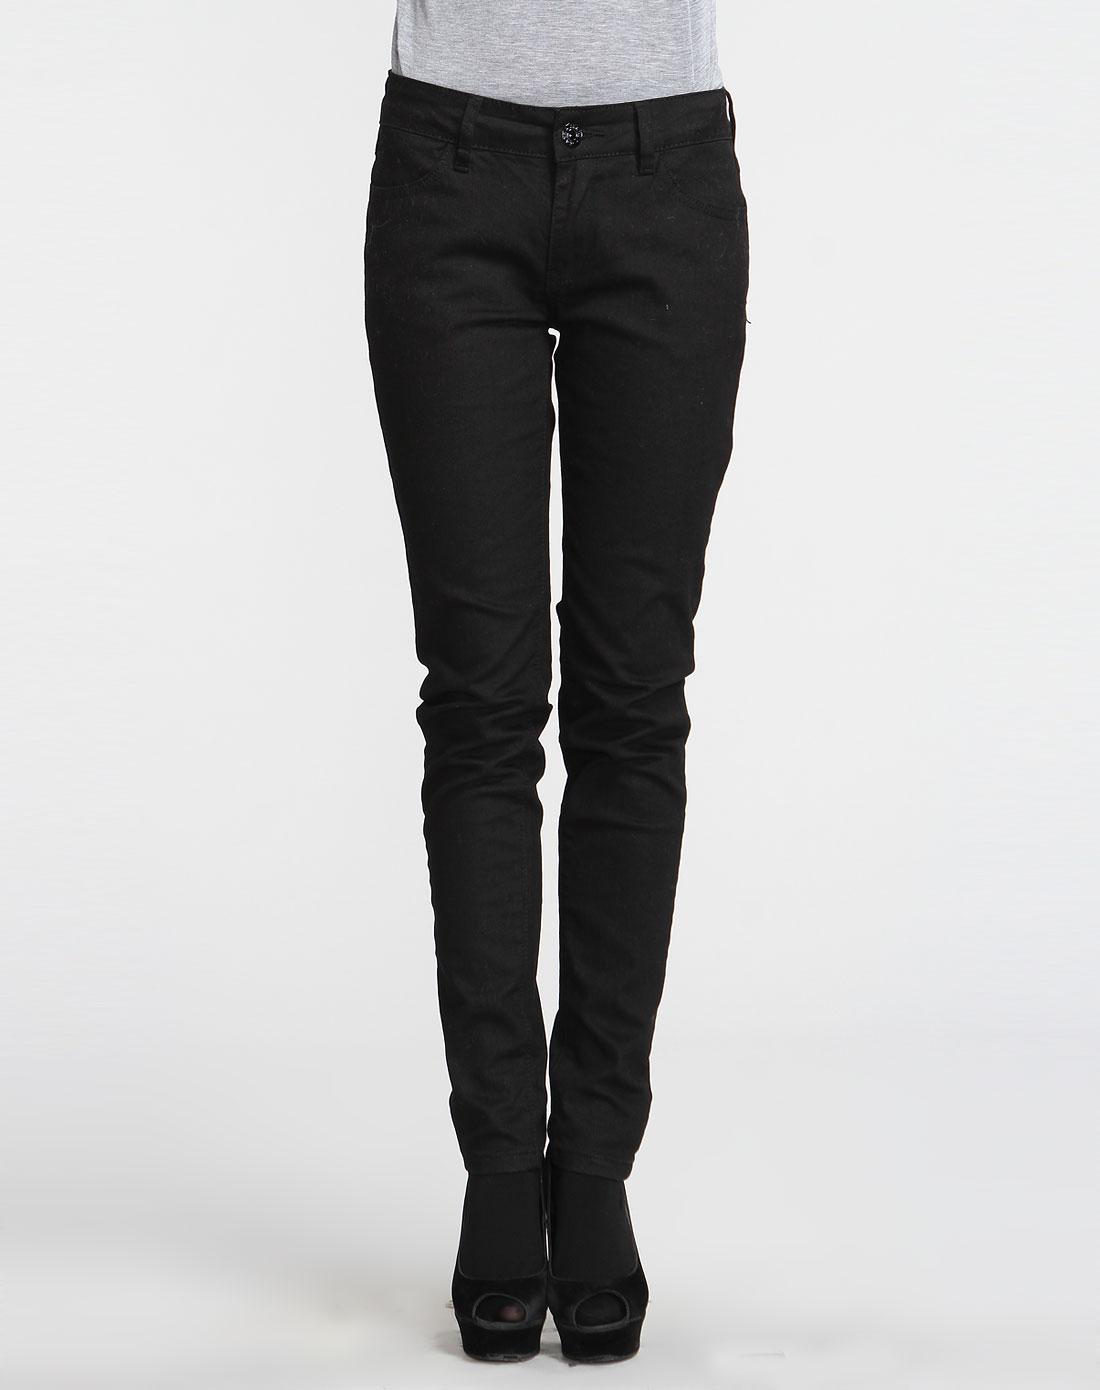 女士裤子新欹d�9/)�(�_黑色裤子